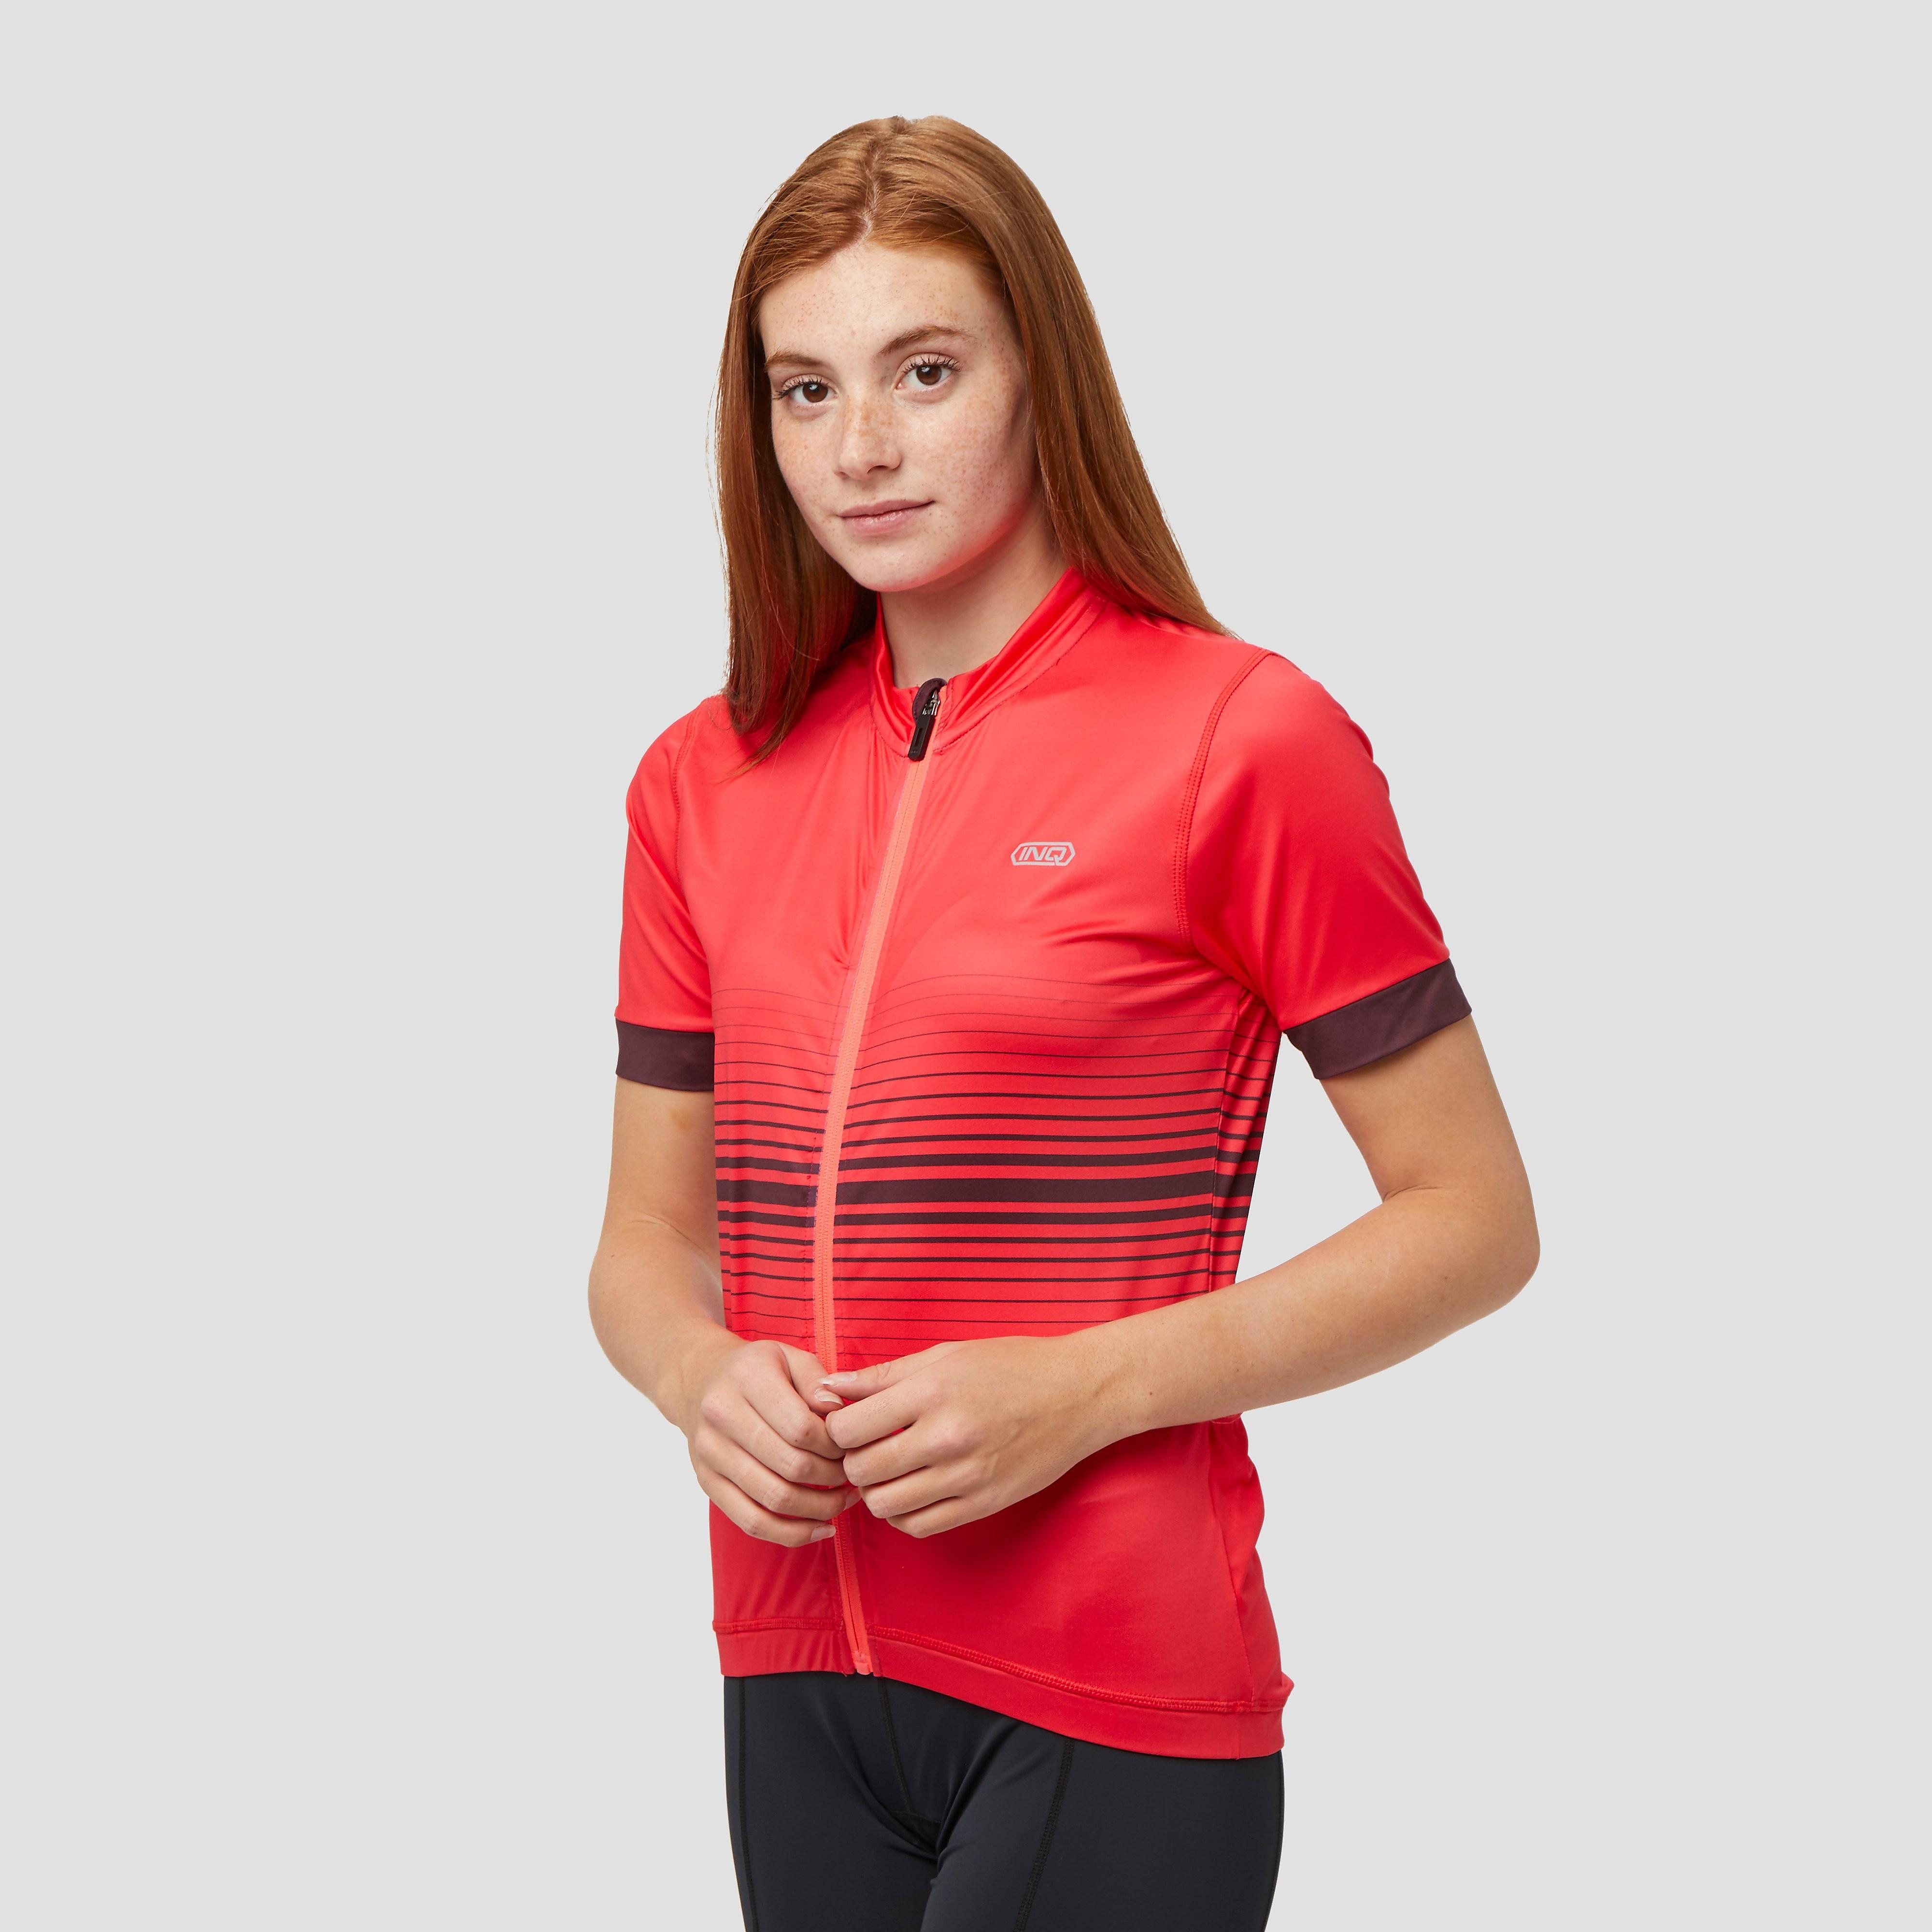 INQ Casette fietsshirt roze dames Dames